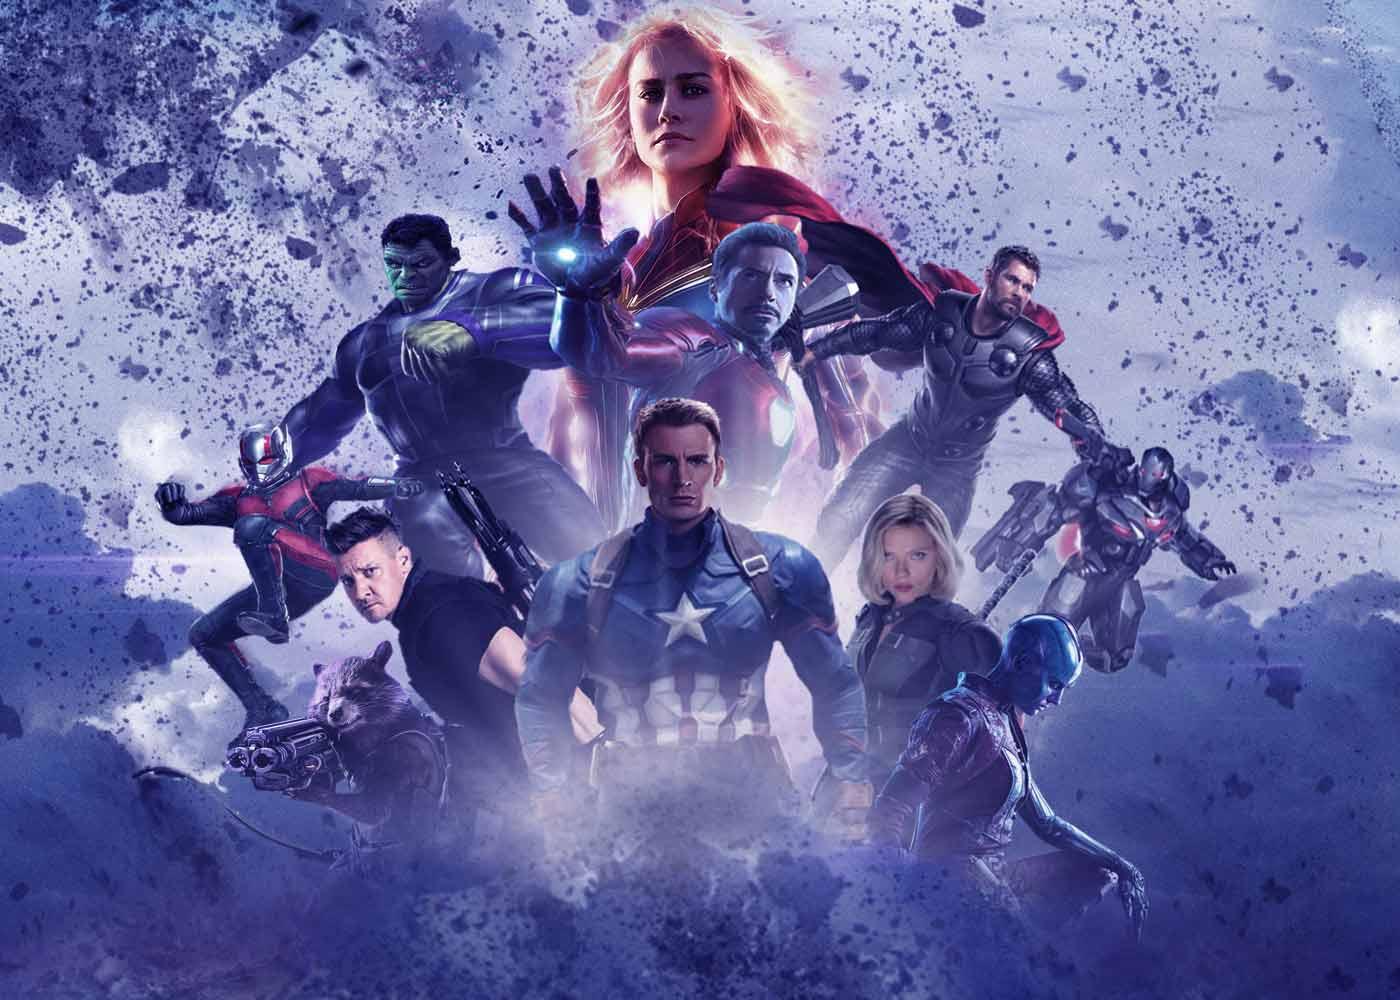 Berapa Durasi Film Avengers End Game